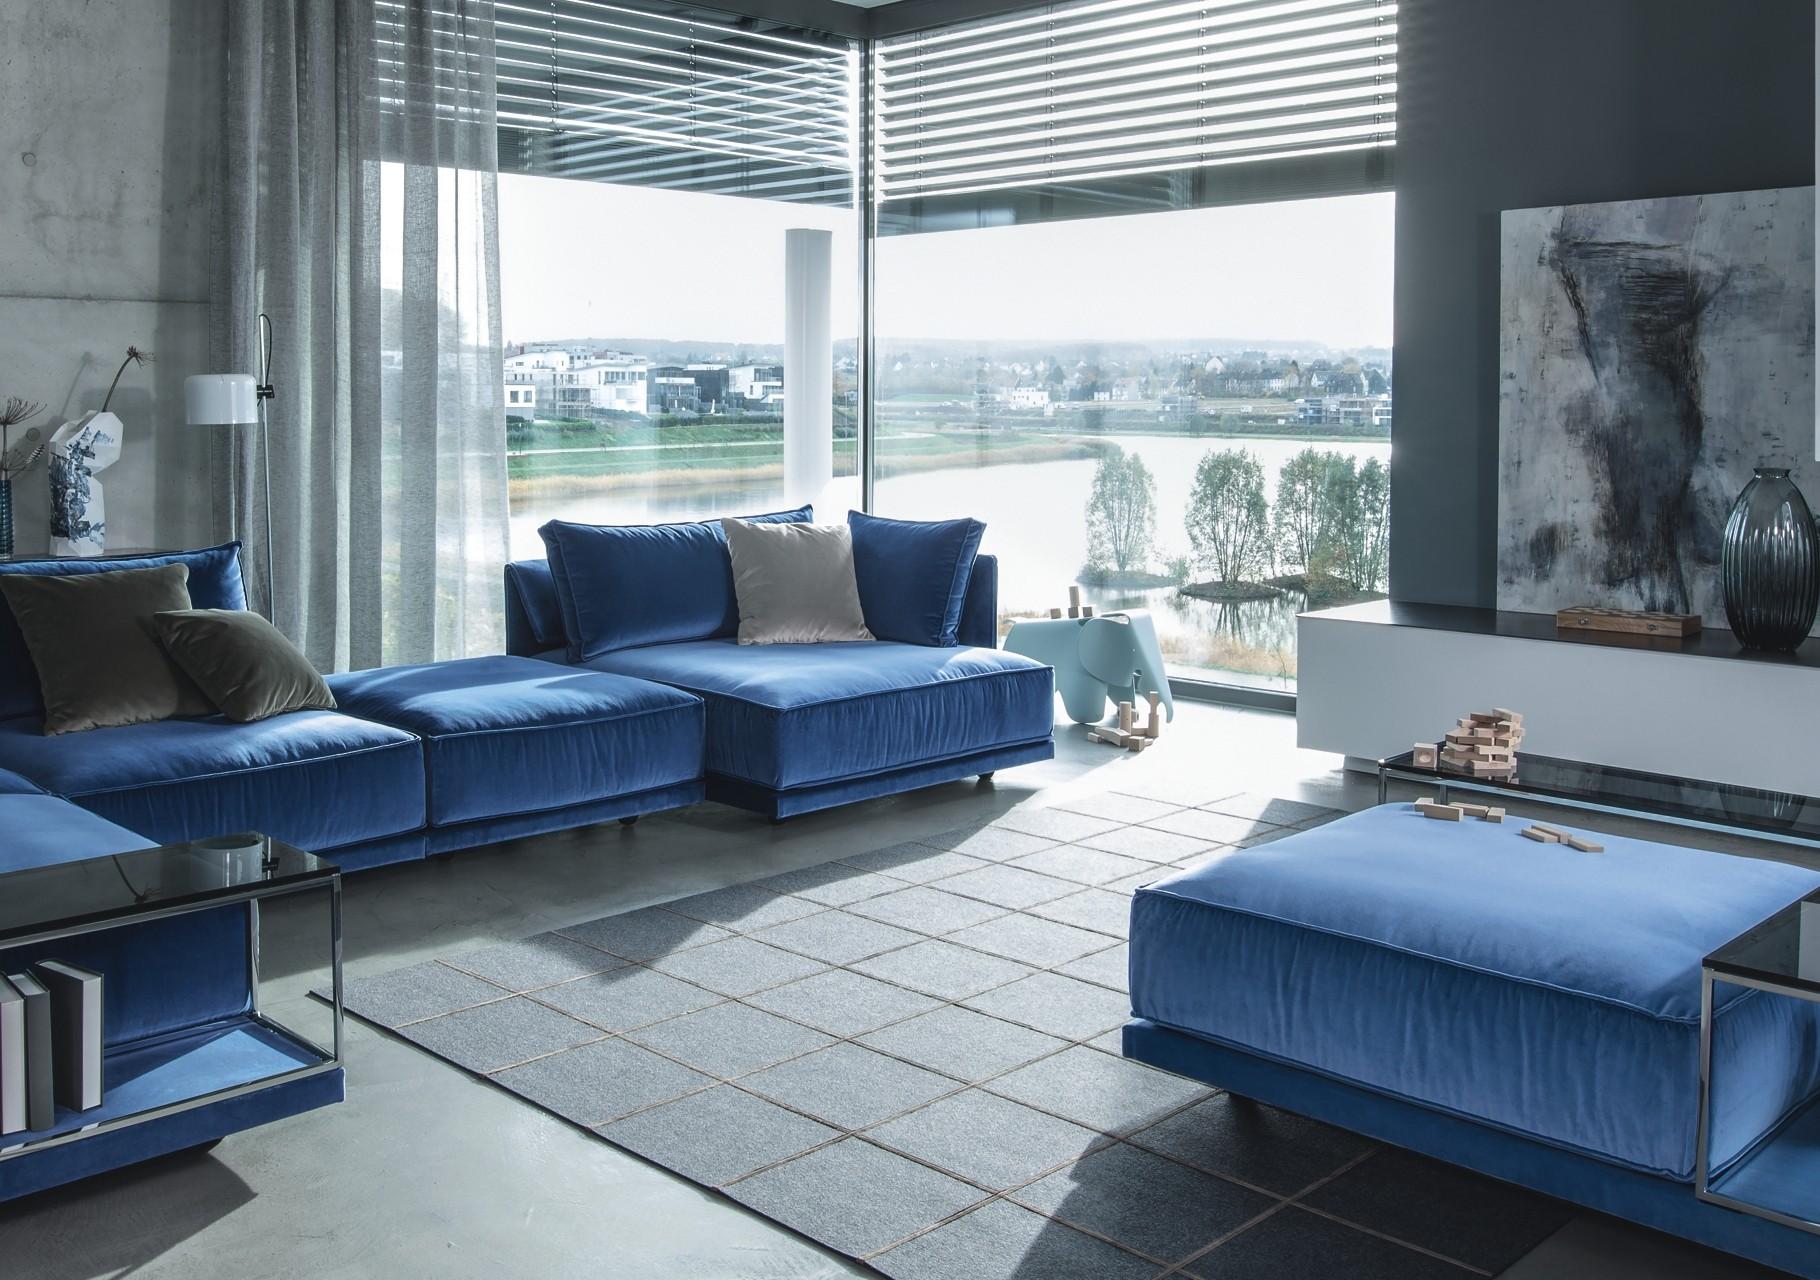 wohnen einrichten bohle raum trifft ausstattung. Black Bedroom Furniture Sets. Home Design Ideas